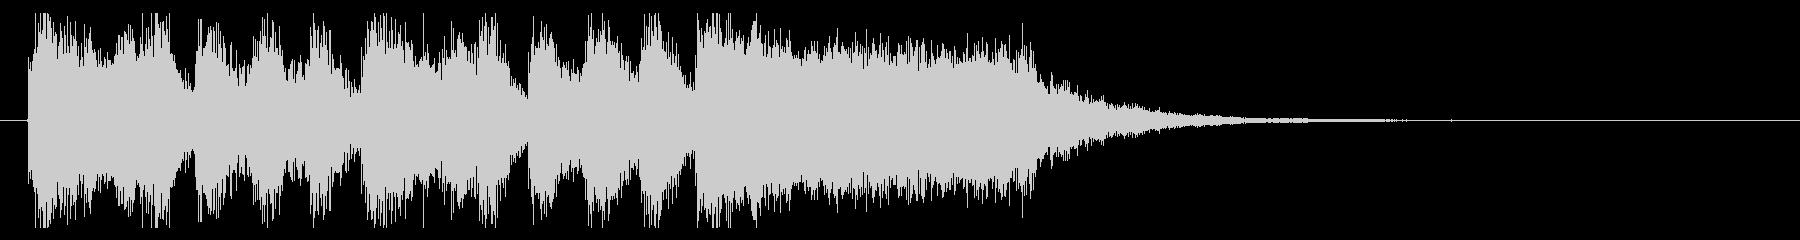 ファンファーレ01の未再生の波形